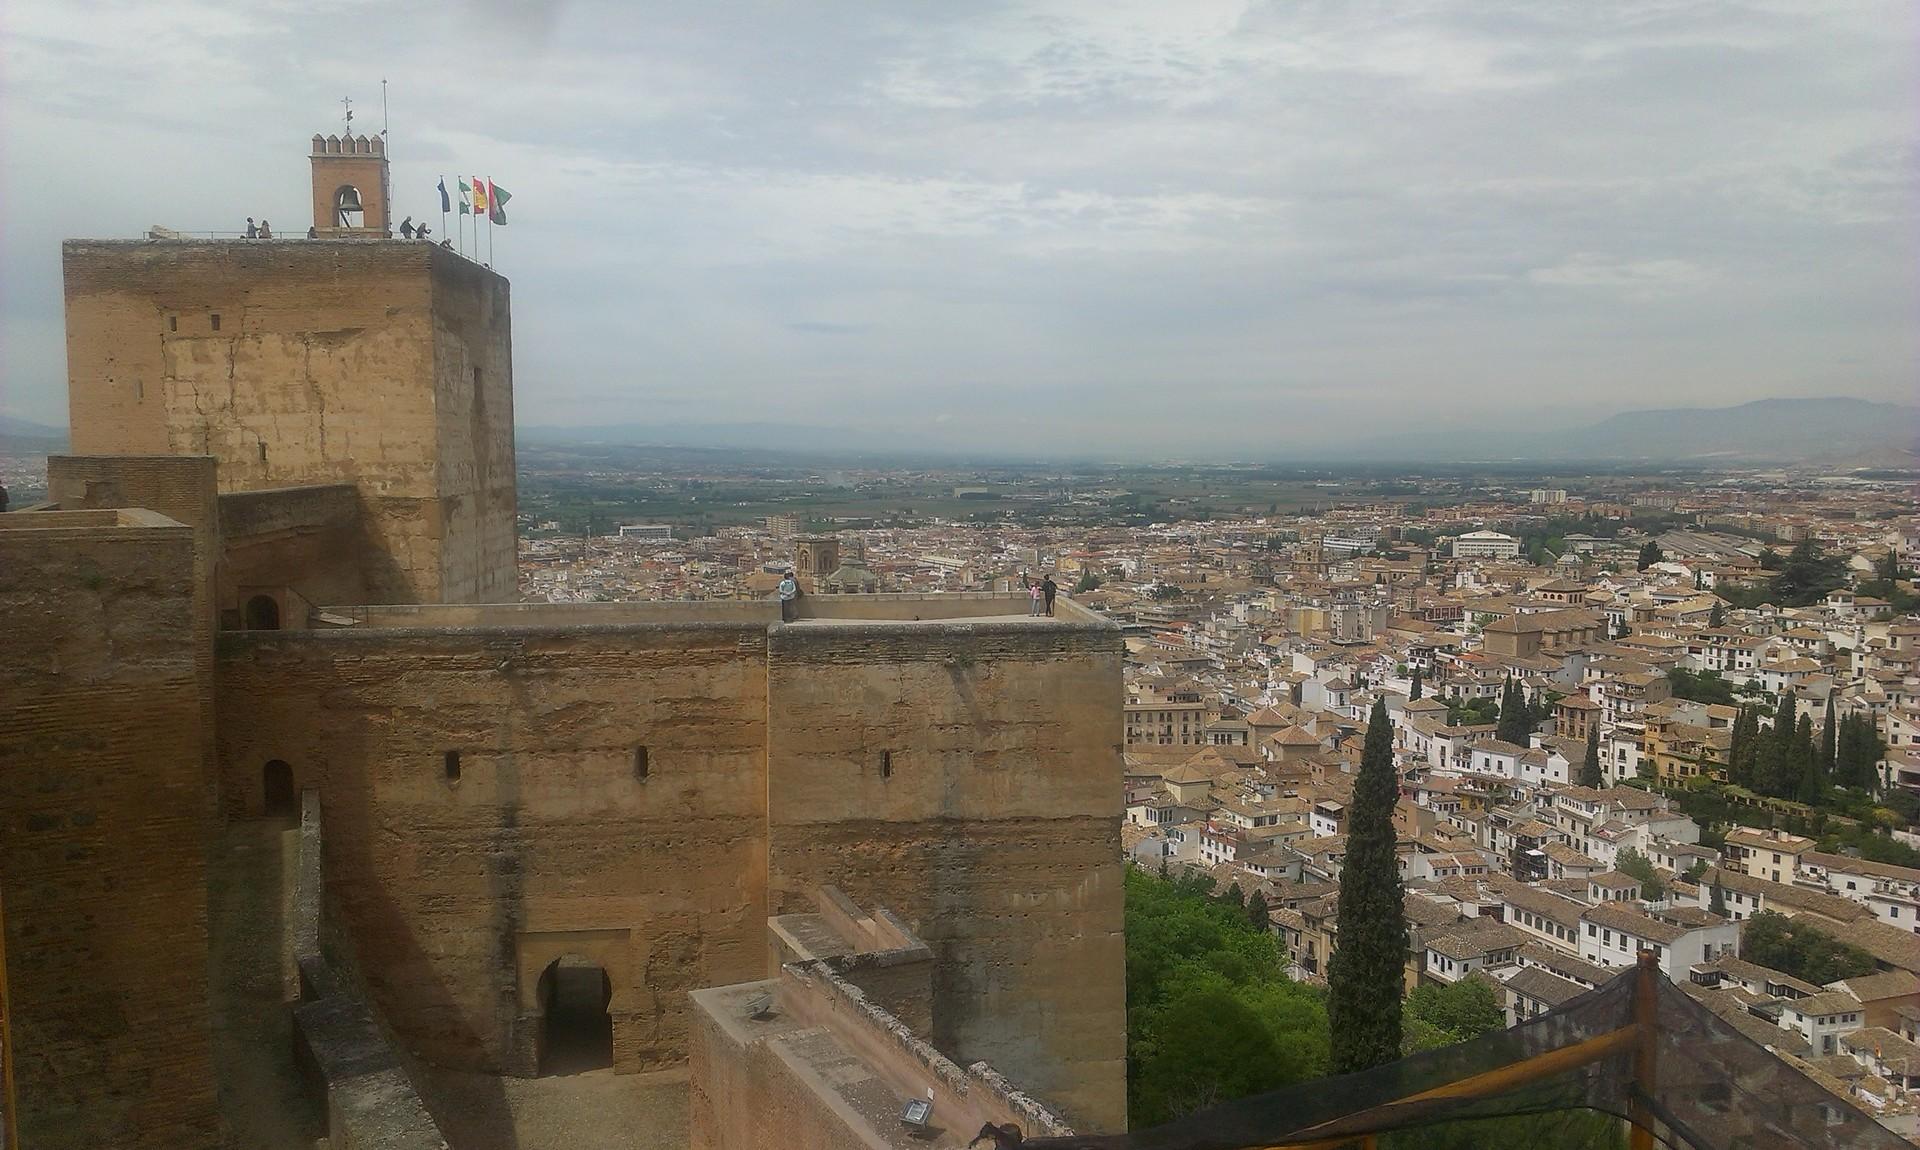 la-alhambra-cittadina-paradisiaca-e01d7b